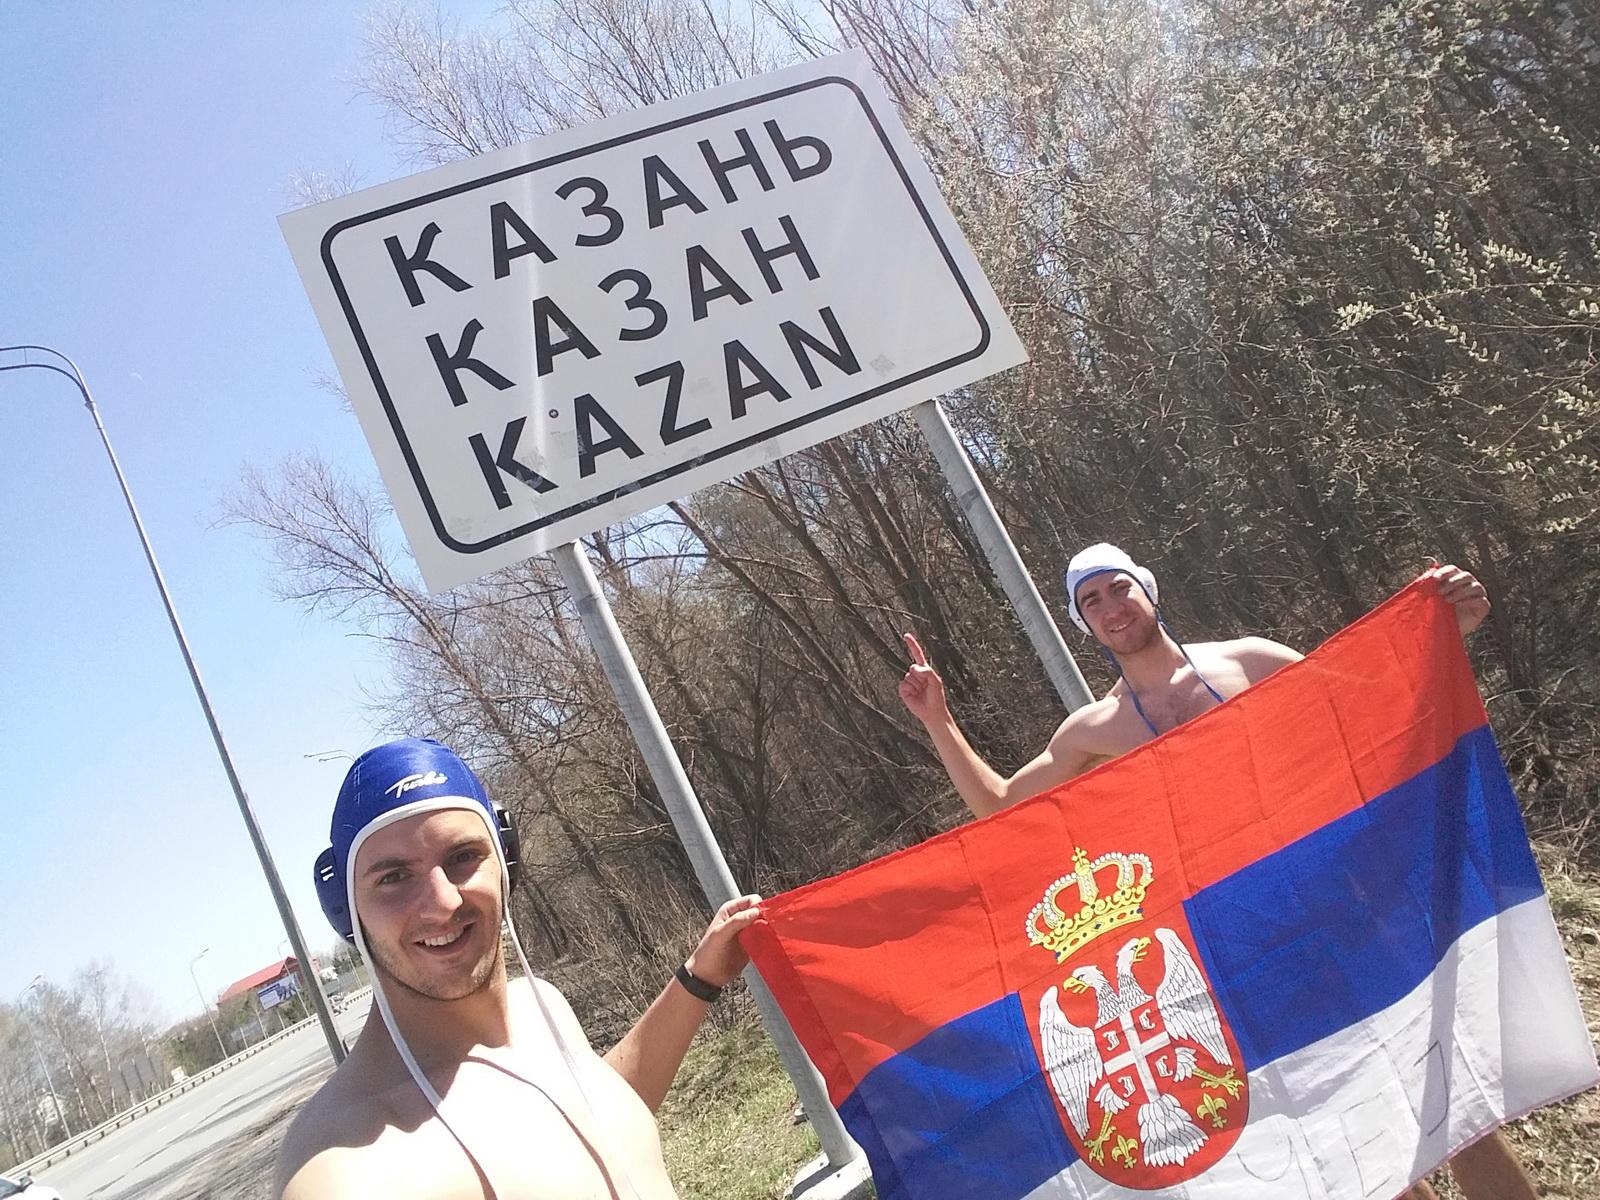 Tamo gde su naši vaterpolisti oduvali konkurenciju - specijalna slika sa kapicom koju je potpisao ministar omladine i sporta Republike Srbije Vanja Udovičić